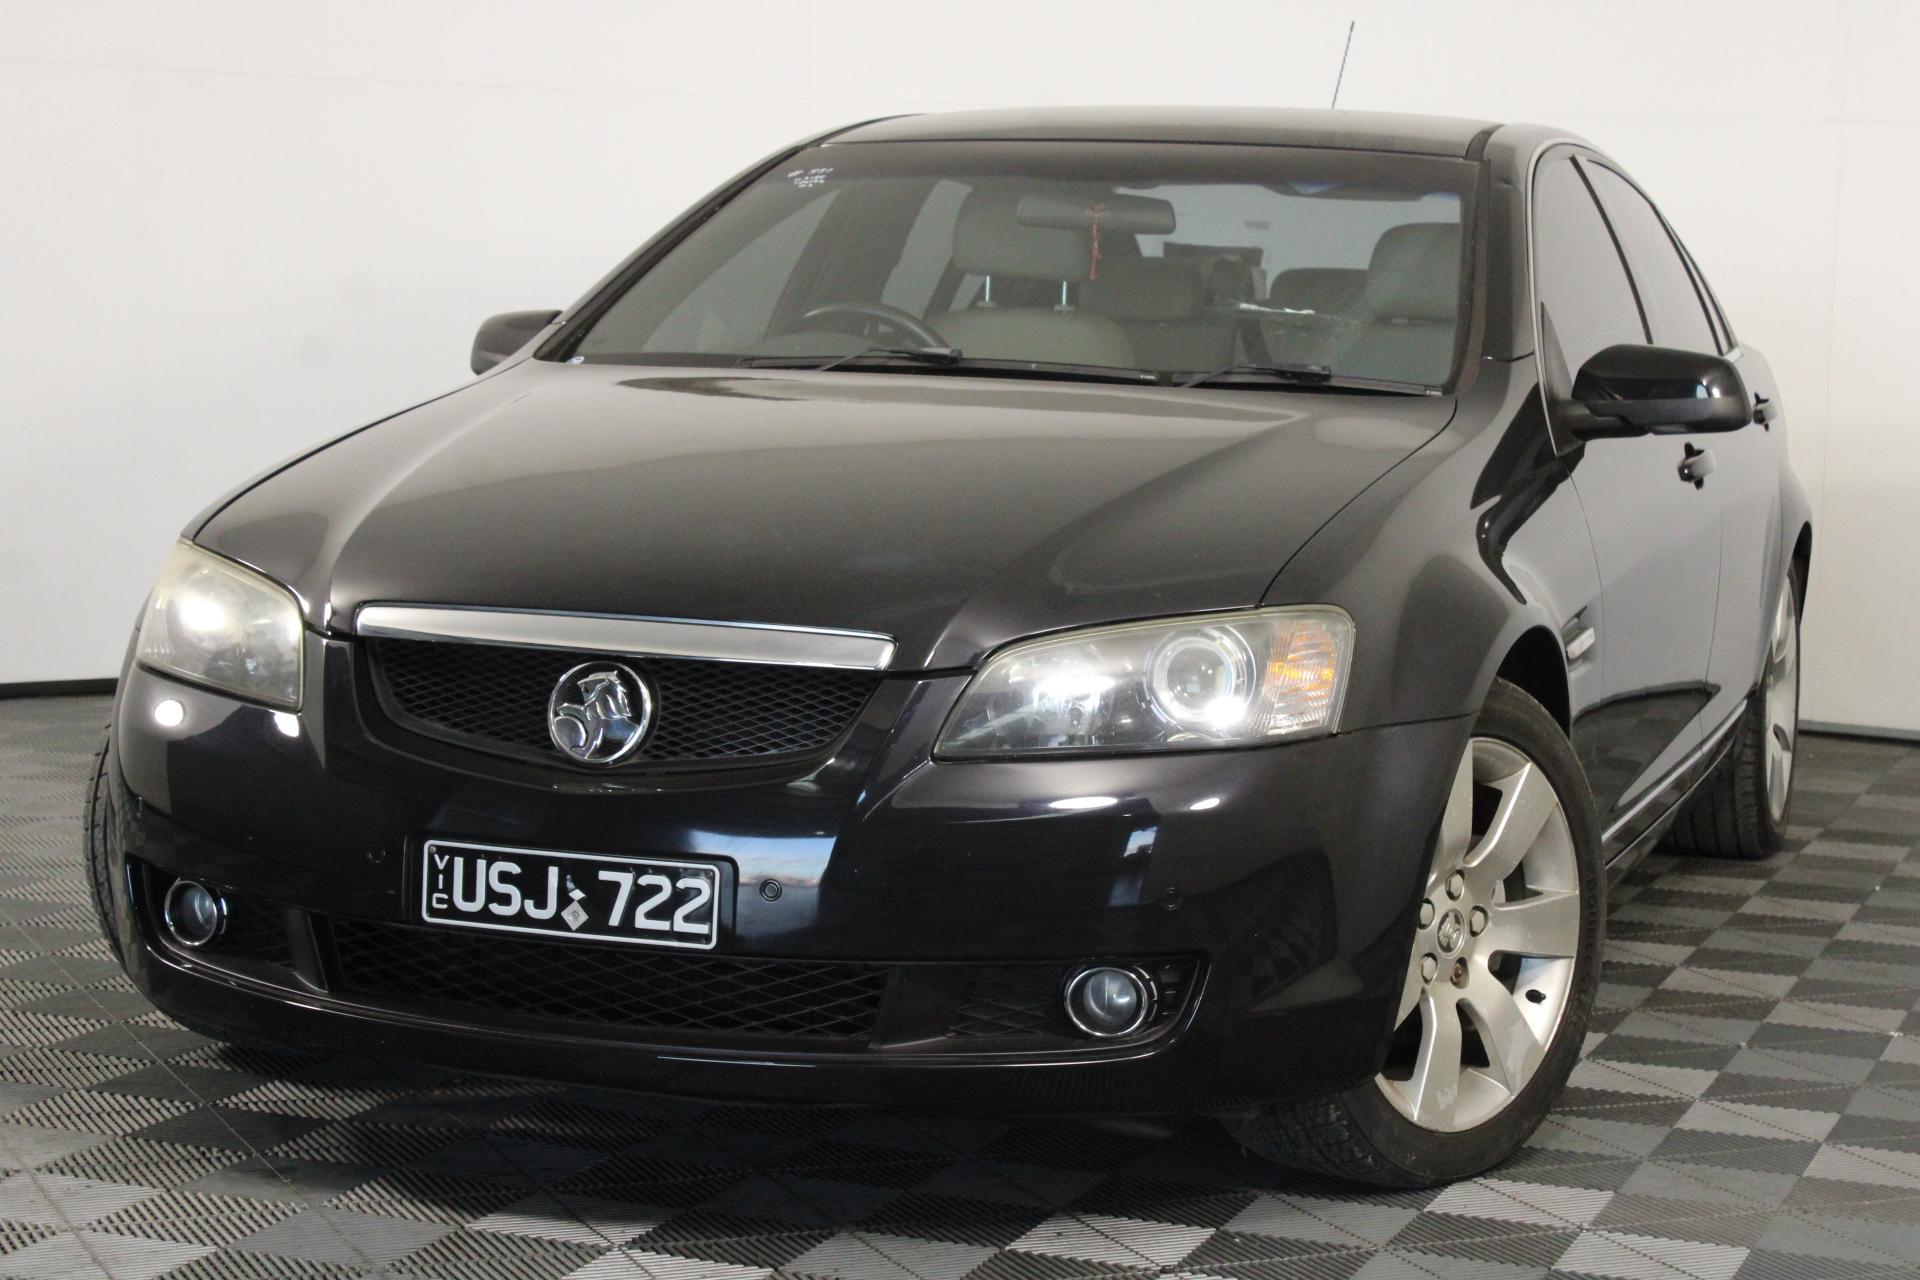 2007 Holden Calais V VE Automatic Sedan